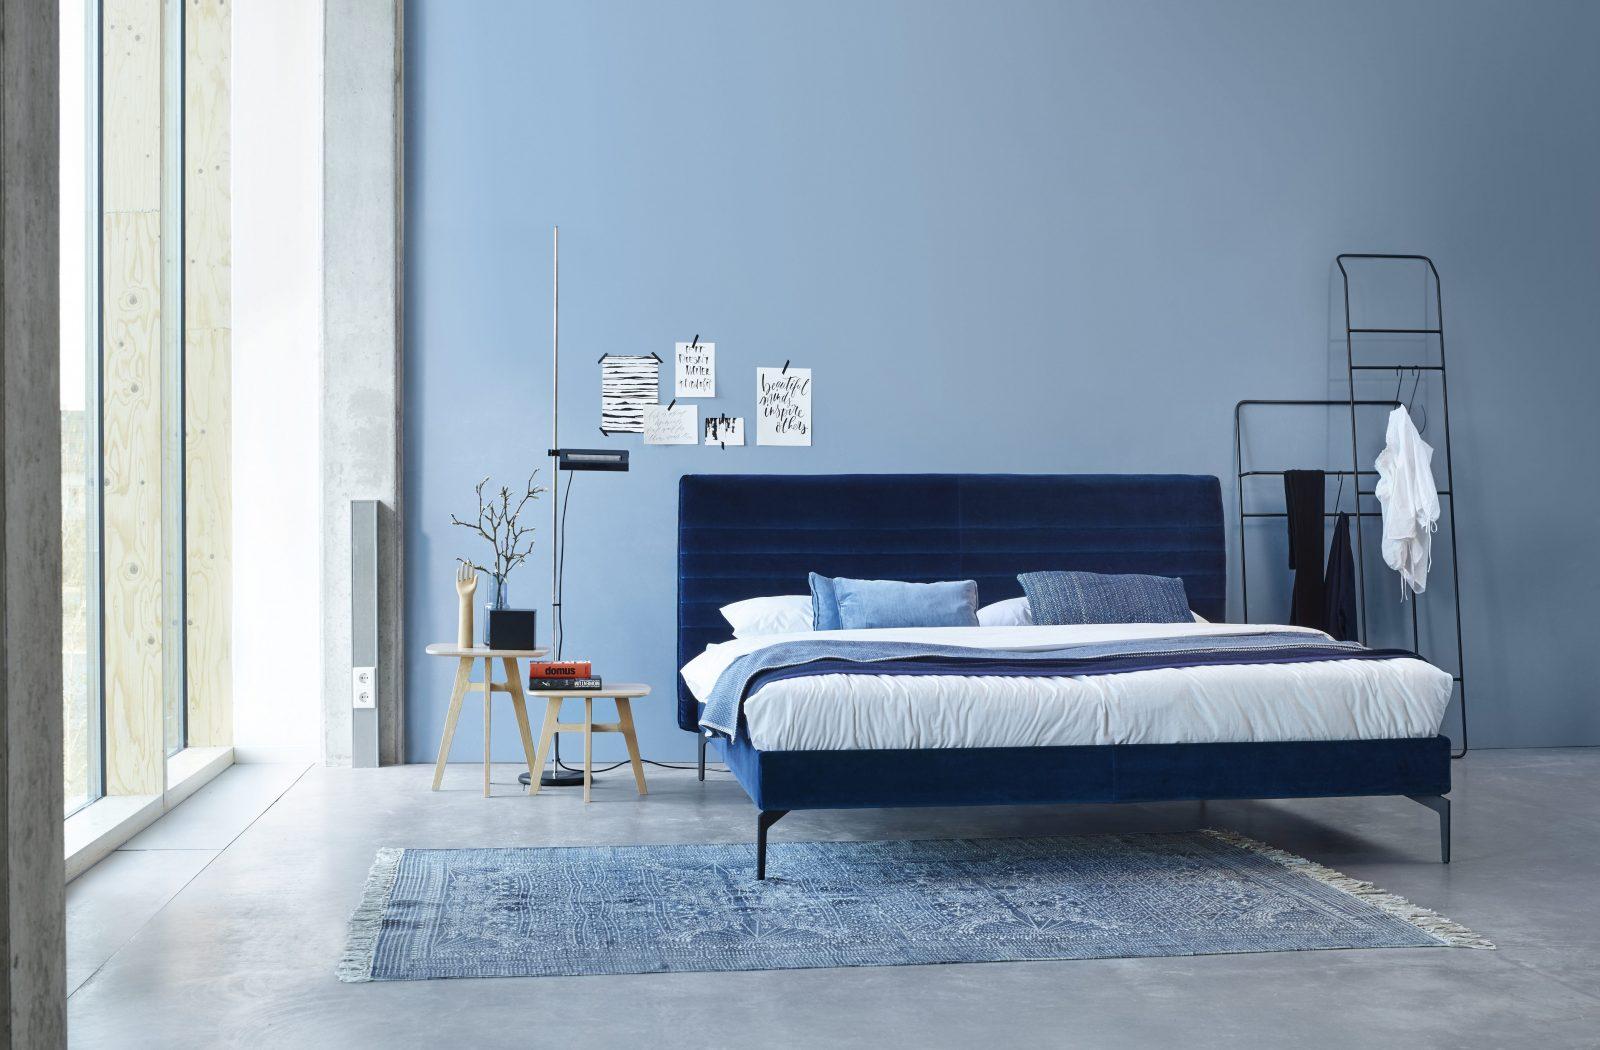 Farben Im Schlafzimmer – Tipps Für Eine Harmonische Gestaltung von Beruhigende Bilder Fürs Schlafzimmer Photo